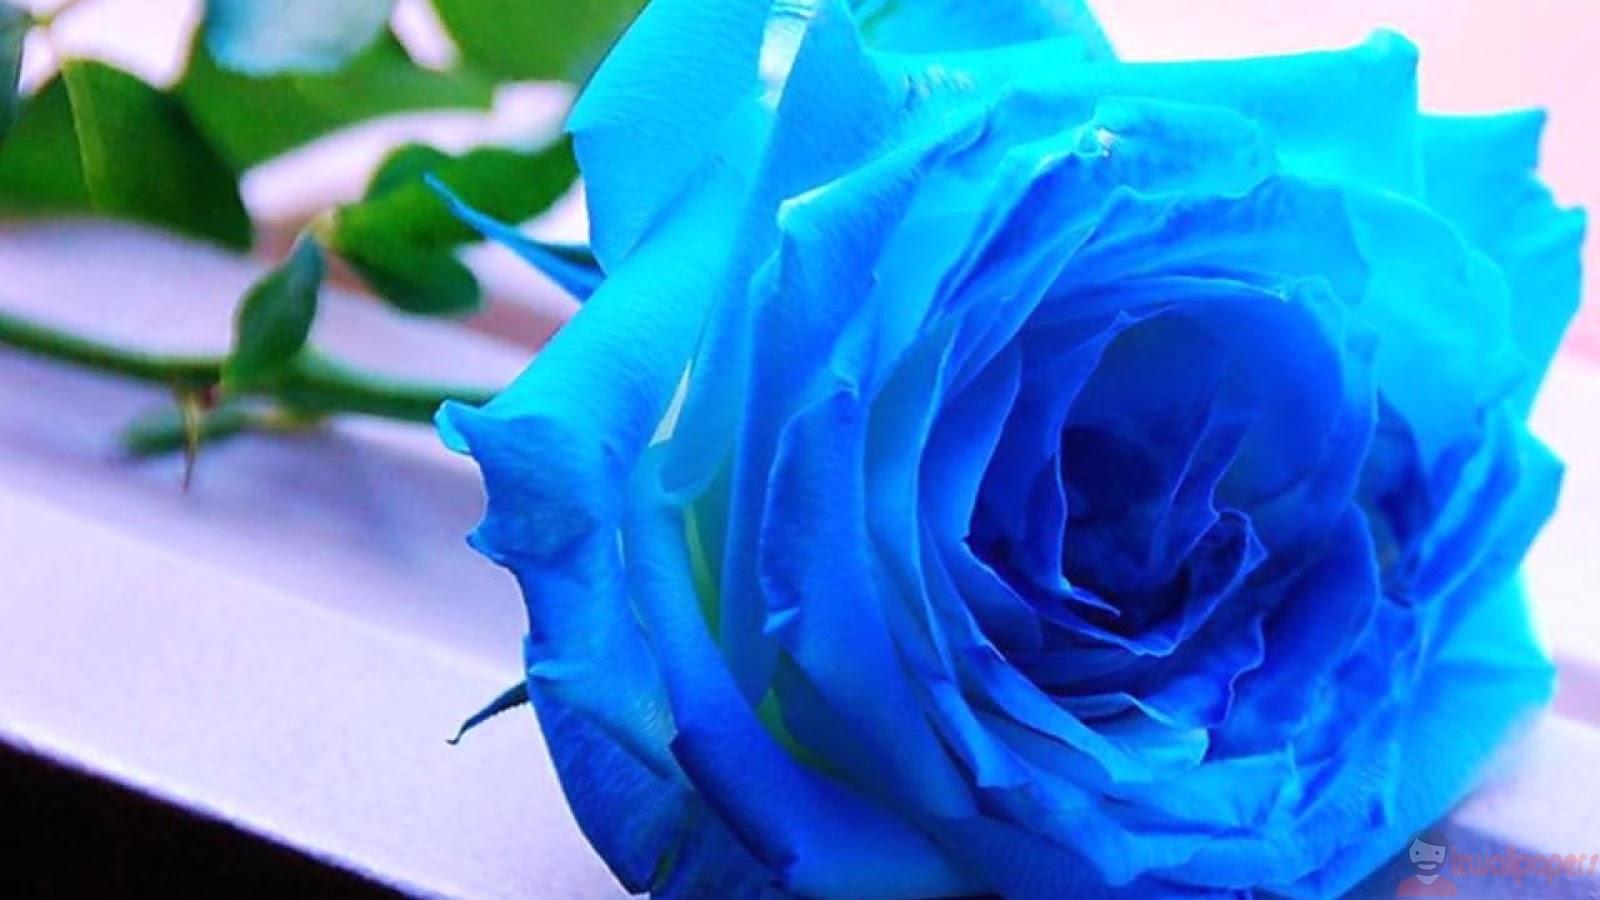 Hình ảnh hoa hồng chất lượng cao - izwallpapers